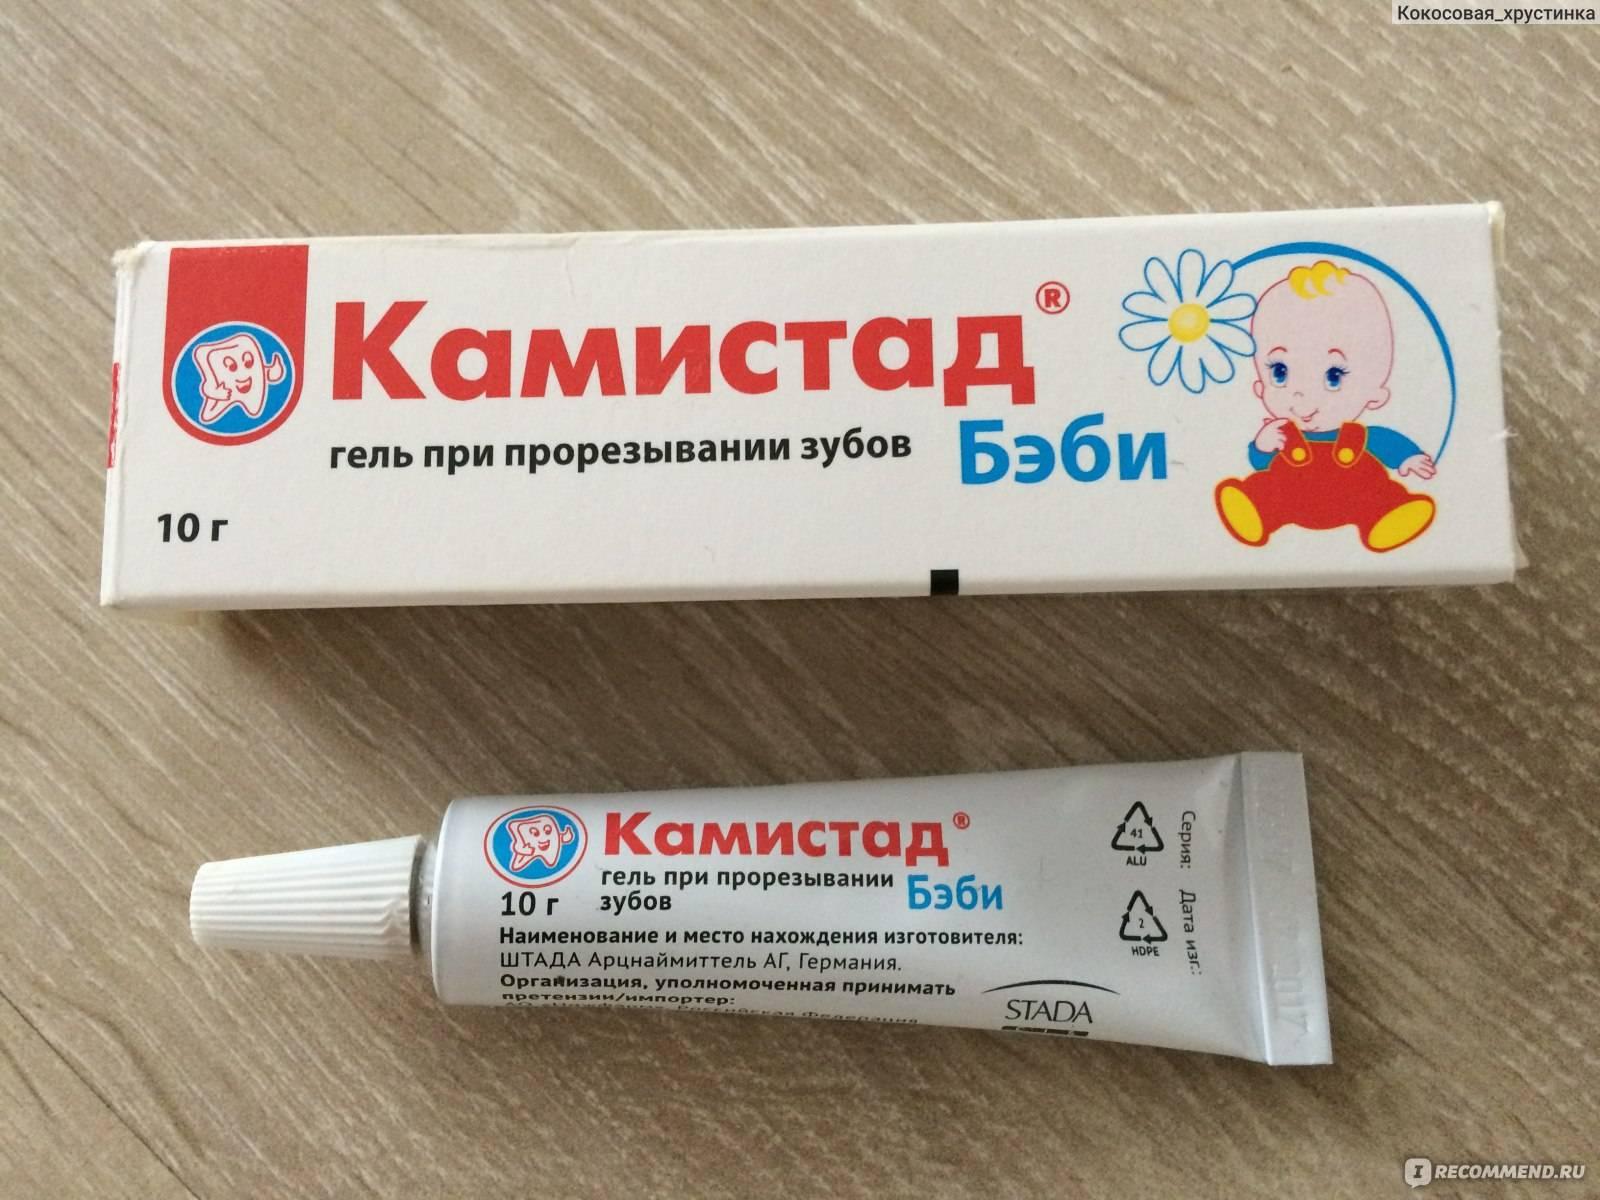 Гели для дёсен при прорезывании зубов у детей: как правильно выбрать и использовать + отзывы